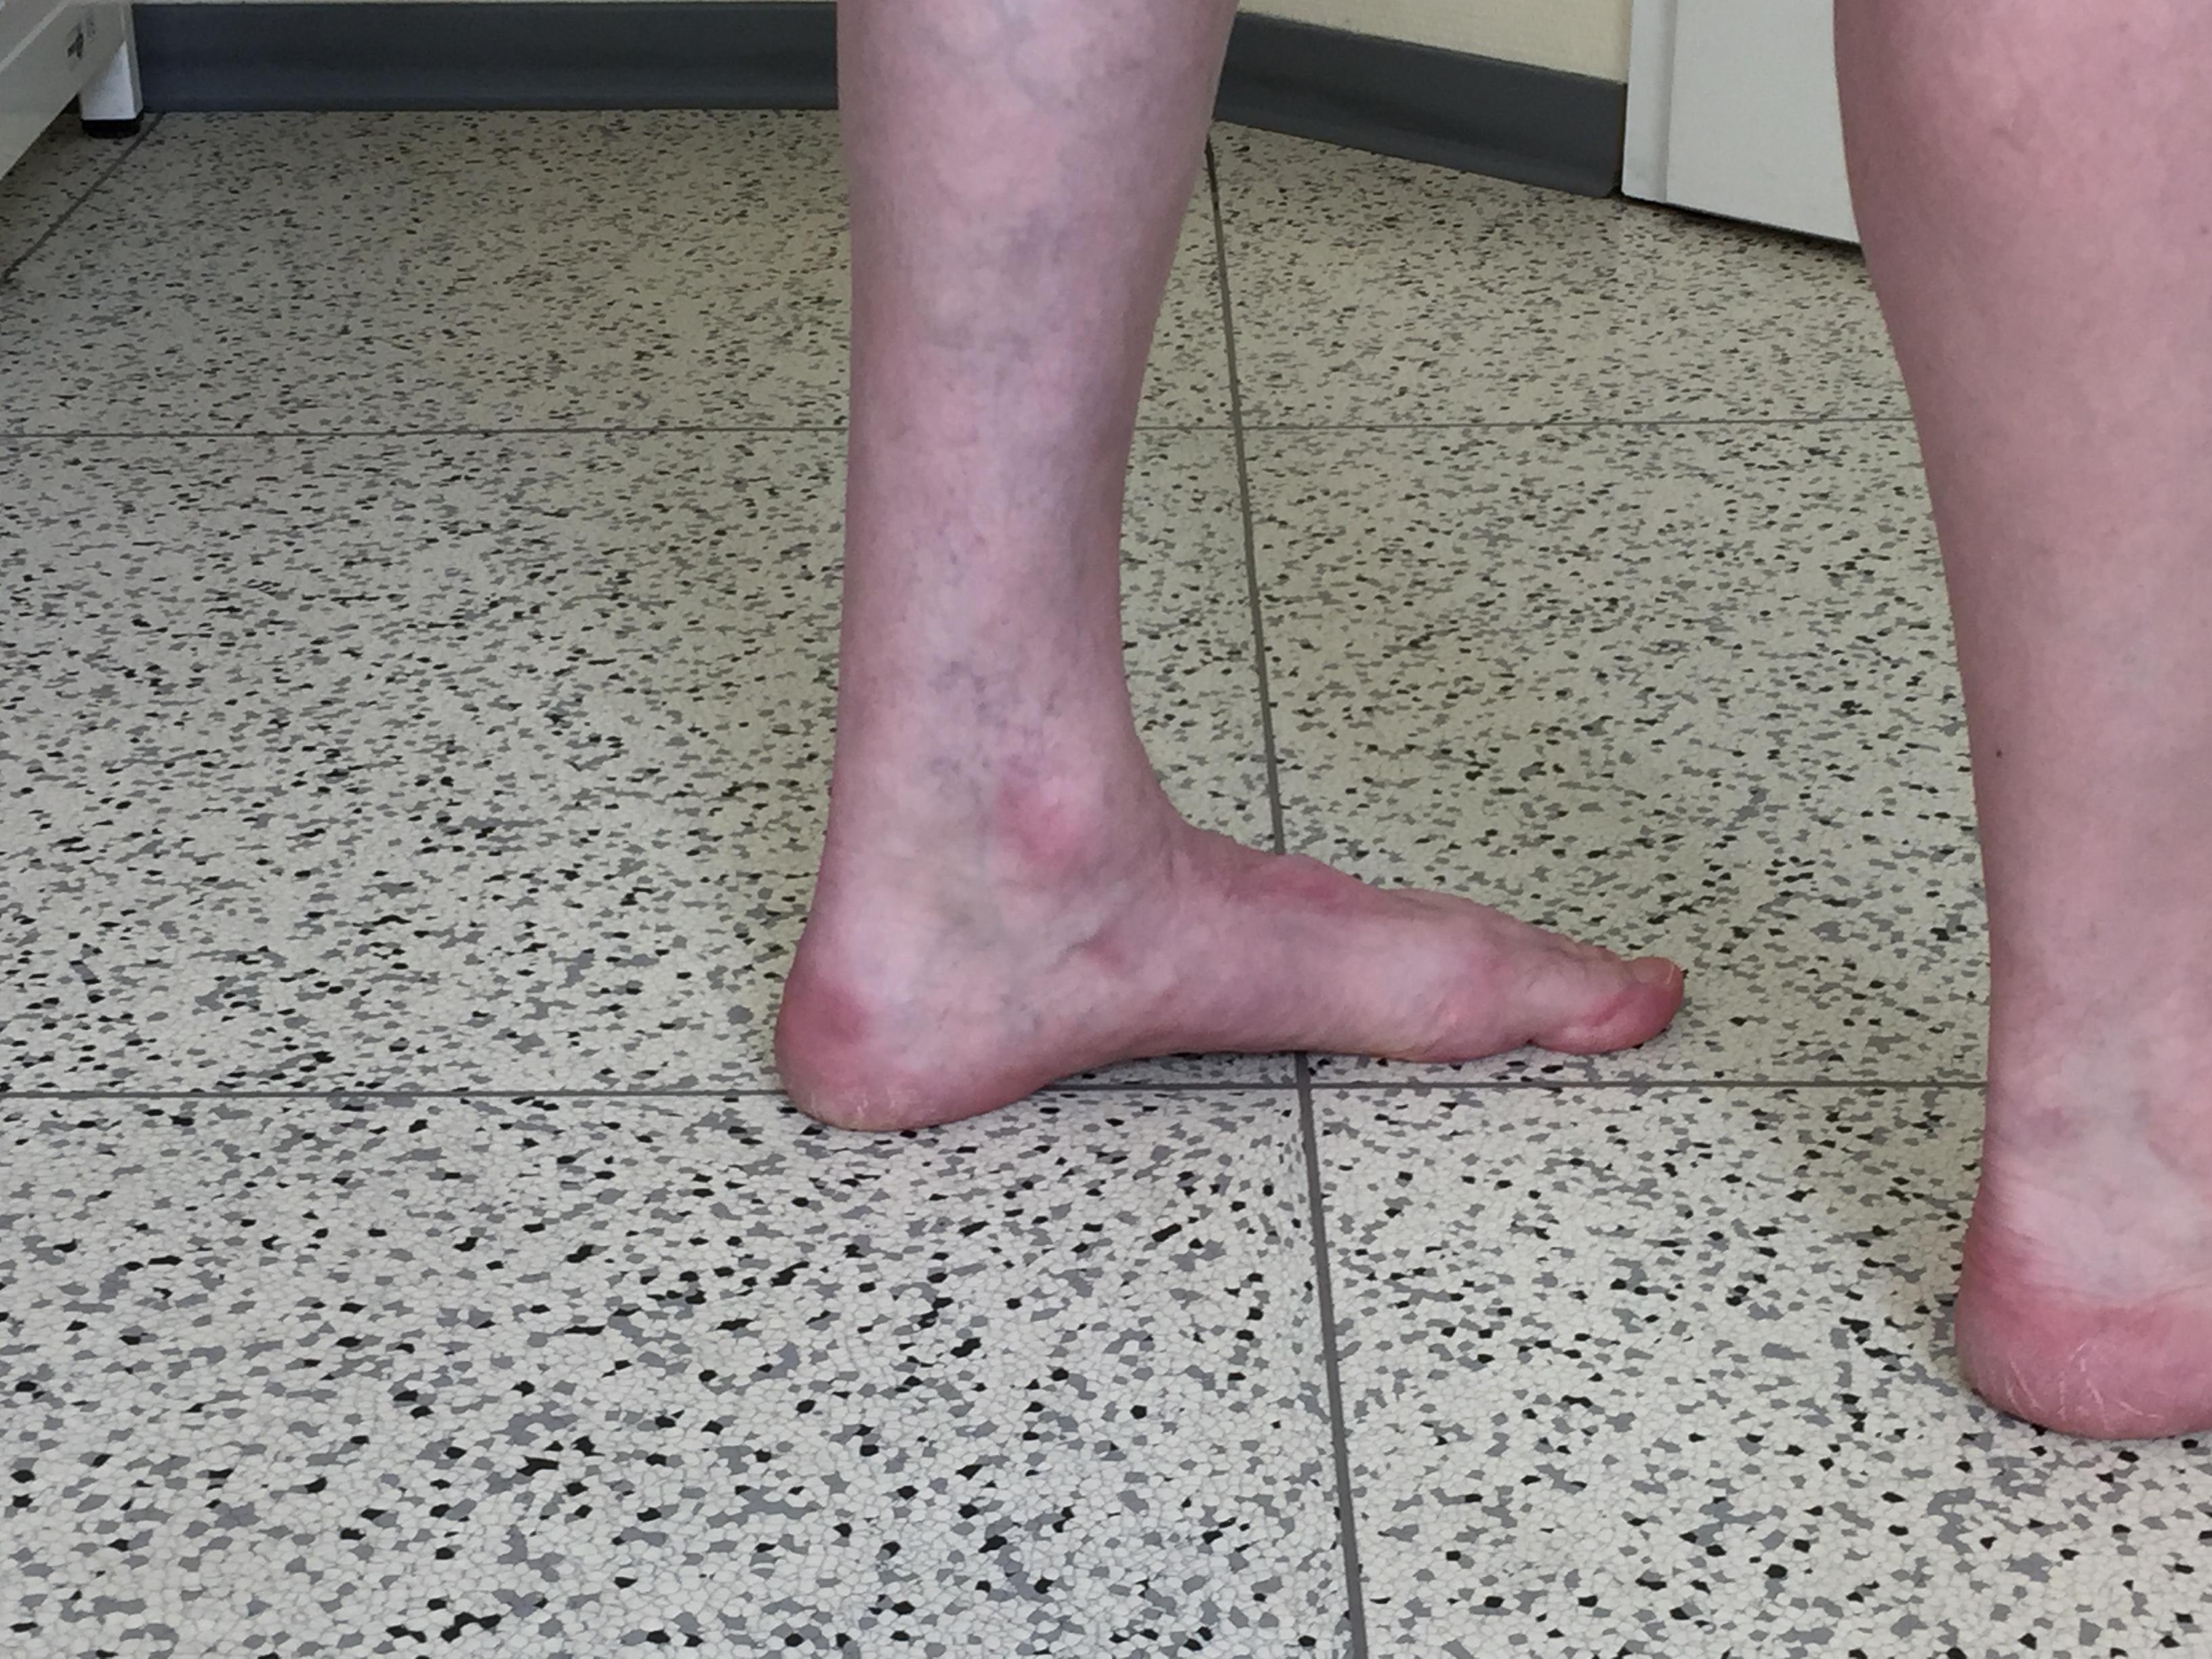 Linker Fuß mit etwas reduzierte aber immer noch normaler Fußwölbung.